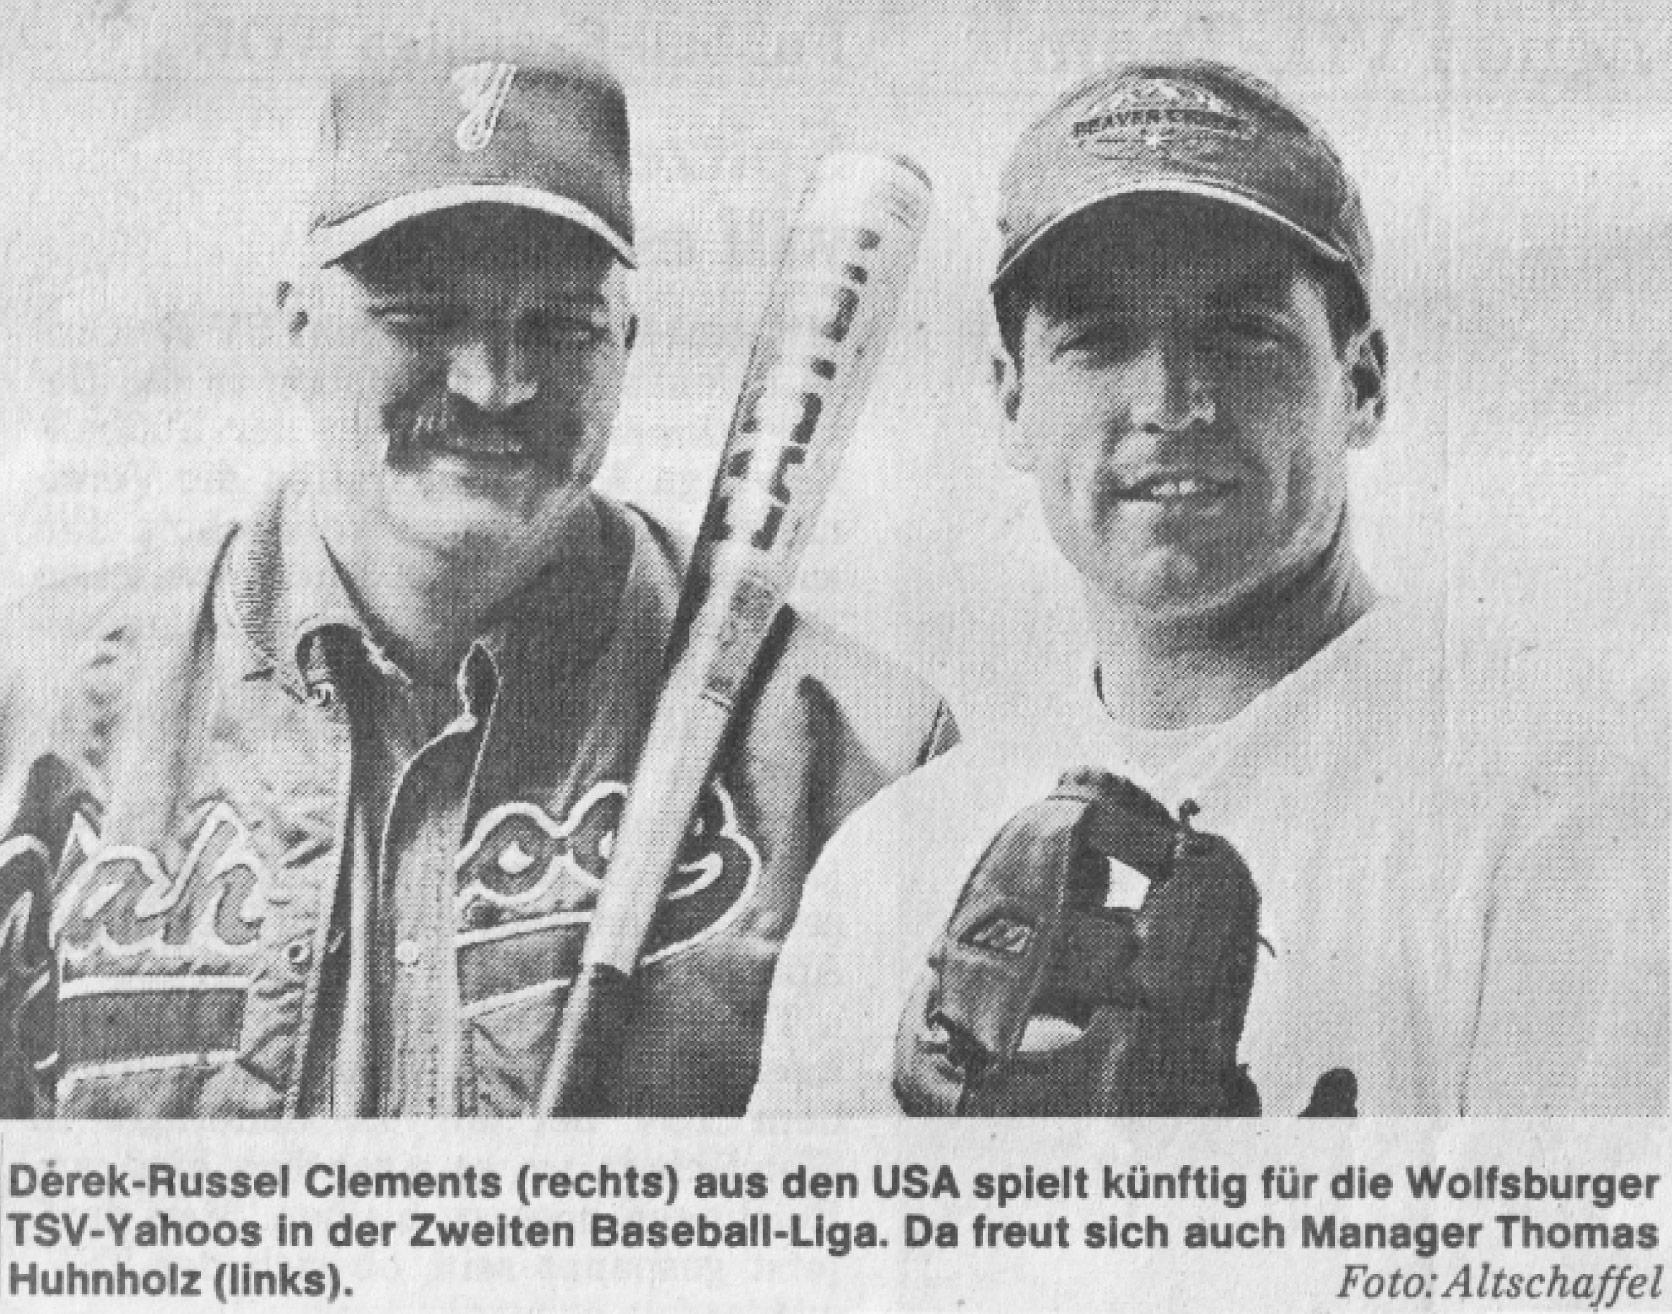 Derek-Russel Clements (rechts) aus den USA spielt künftig für die Wolfsburger TSV-Yahoos in der Zweiten Baseball-Liga. Da freut sich auch Manager Thomas Huhnholz (links). Foto: Altschaffel